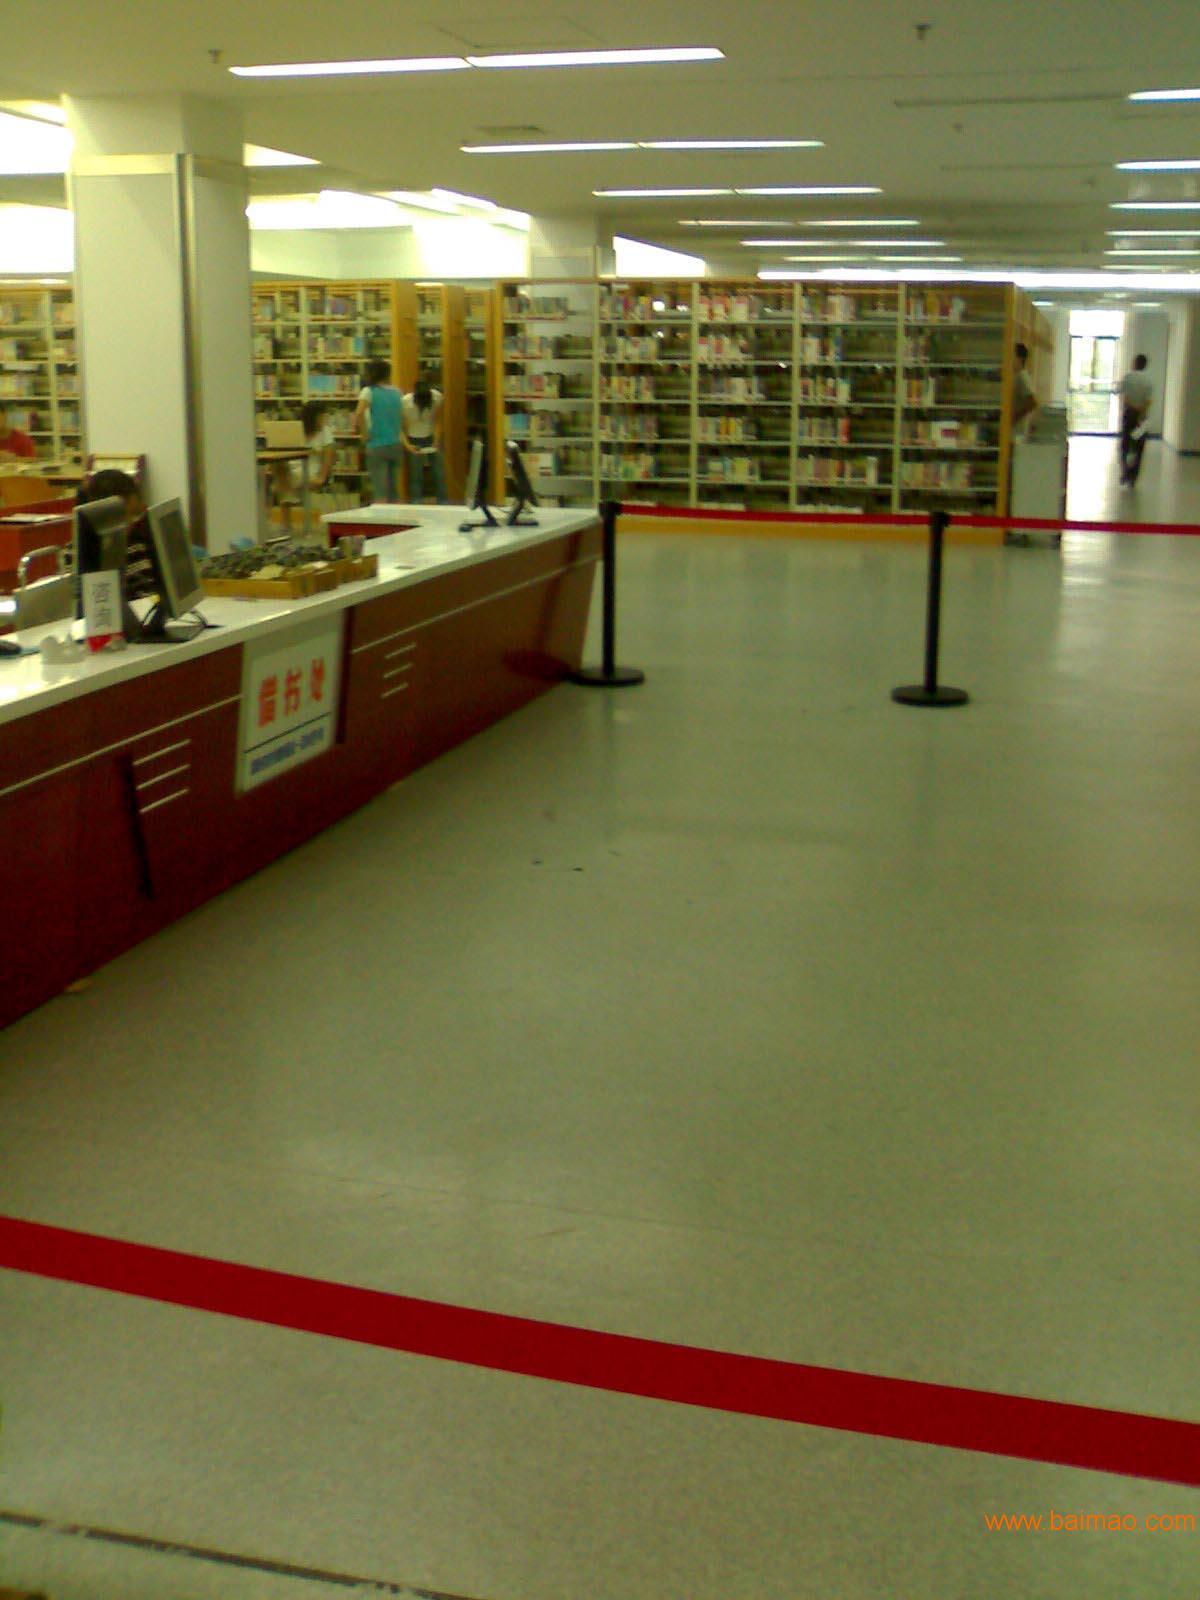 在哪能买到信誉好的新品塑胶地板呢,塑胶地板多少钱,在哪能买到信誉好的新品塑胶地板呢,塑胶地板多少钱生产厂家,在哪能买到信誉好的新品塑胶地板呢,塑胶地板多少钱价格